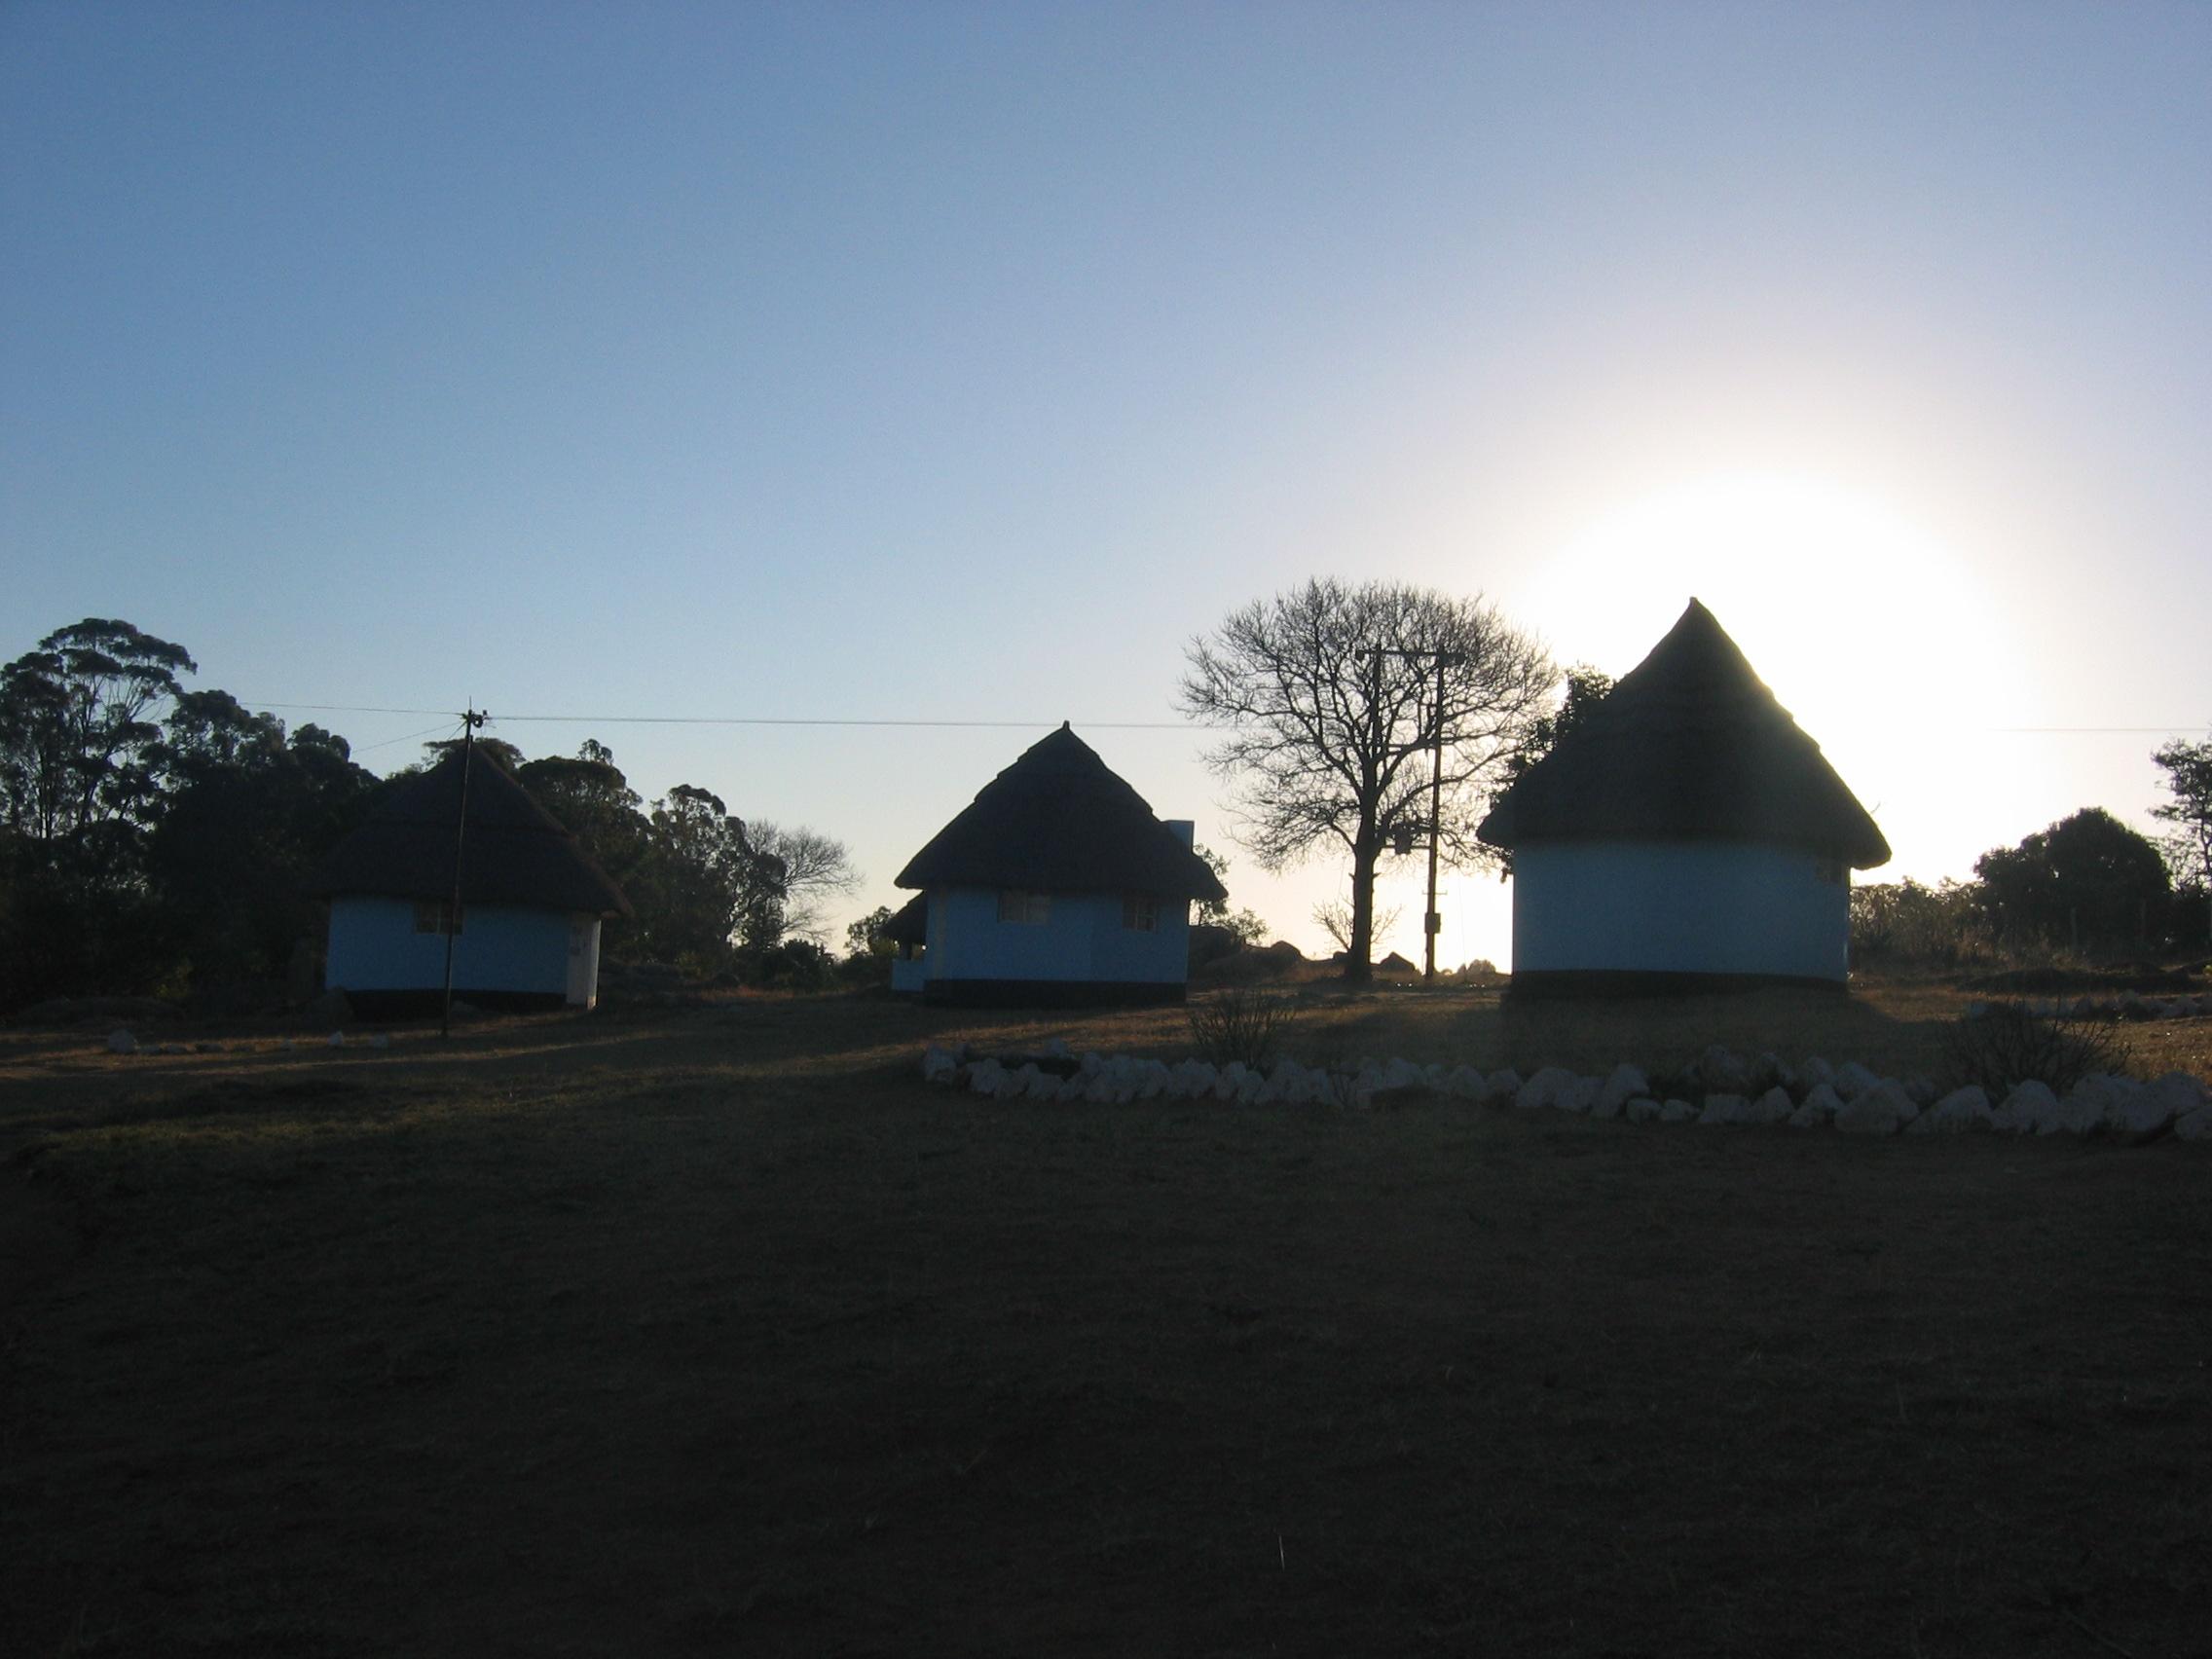 Zimbabwe2007 010.jpg